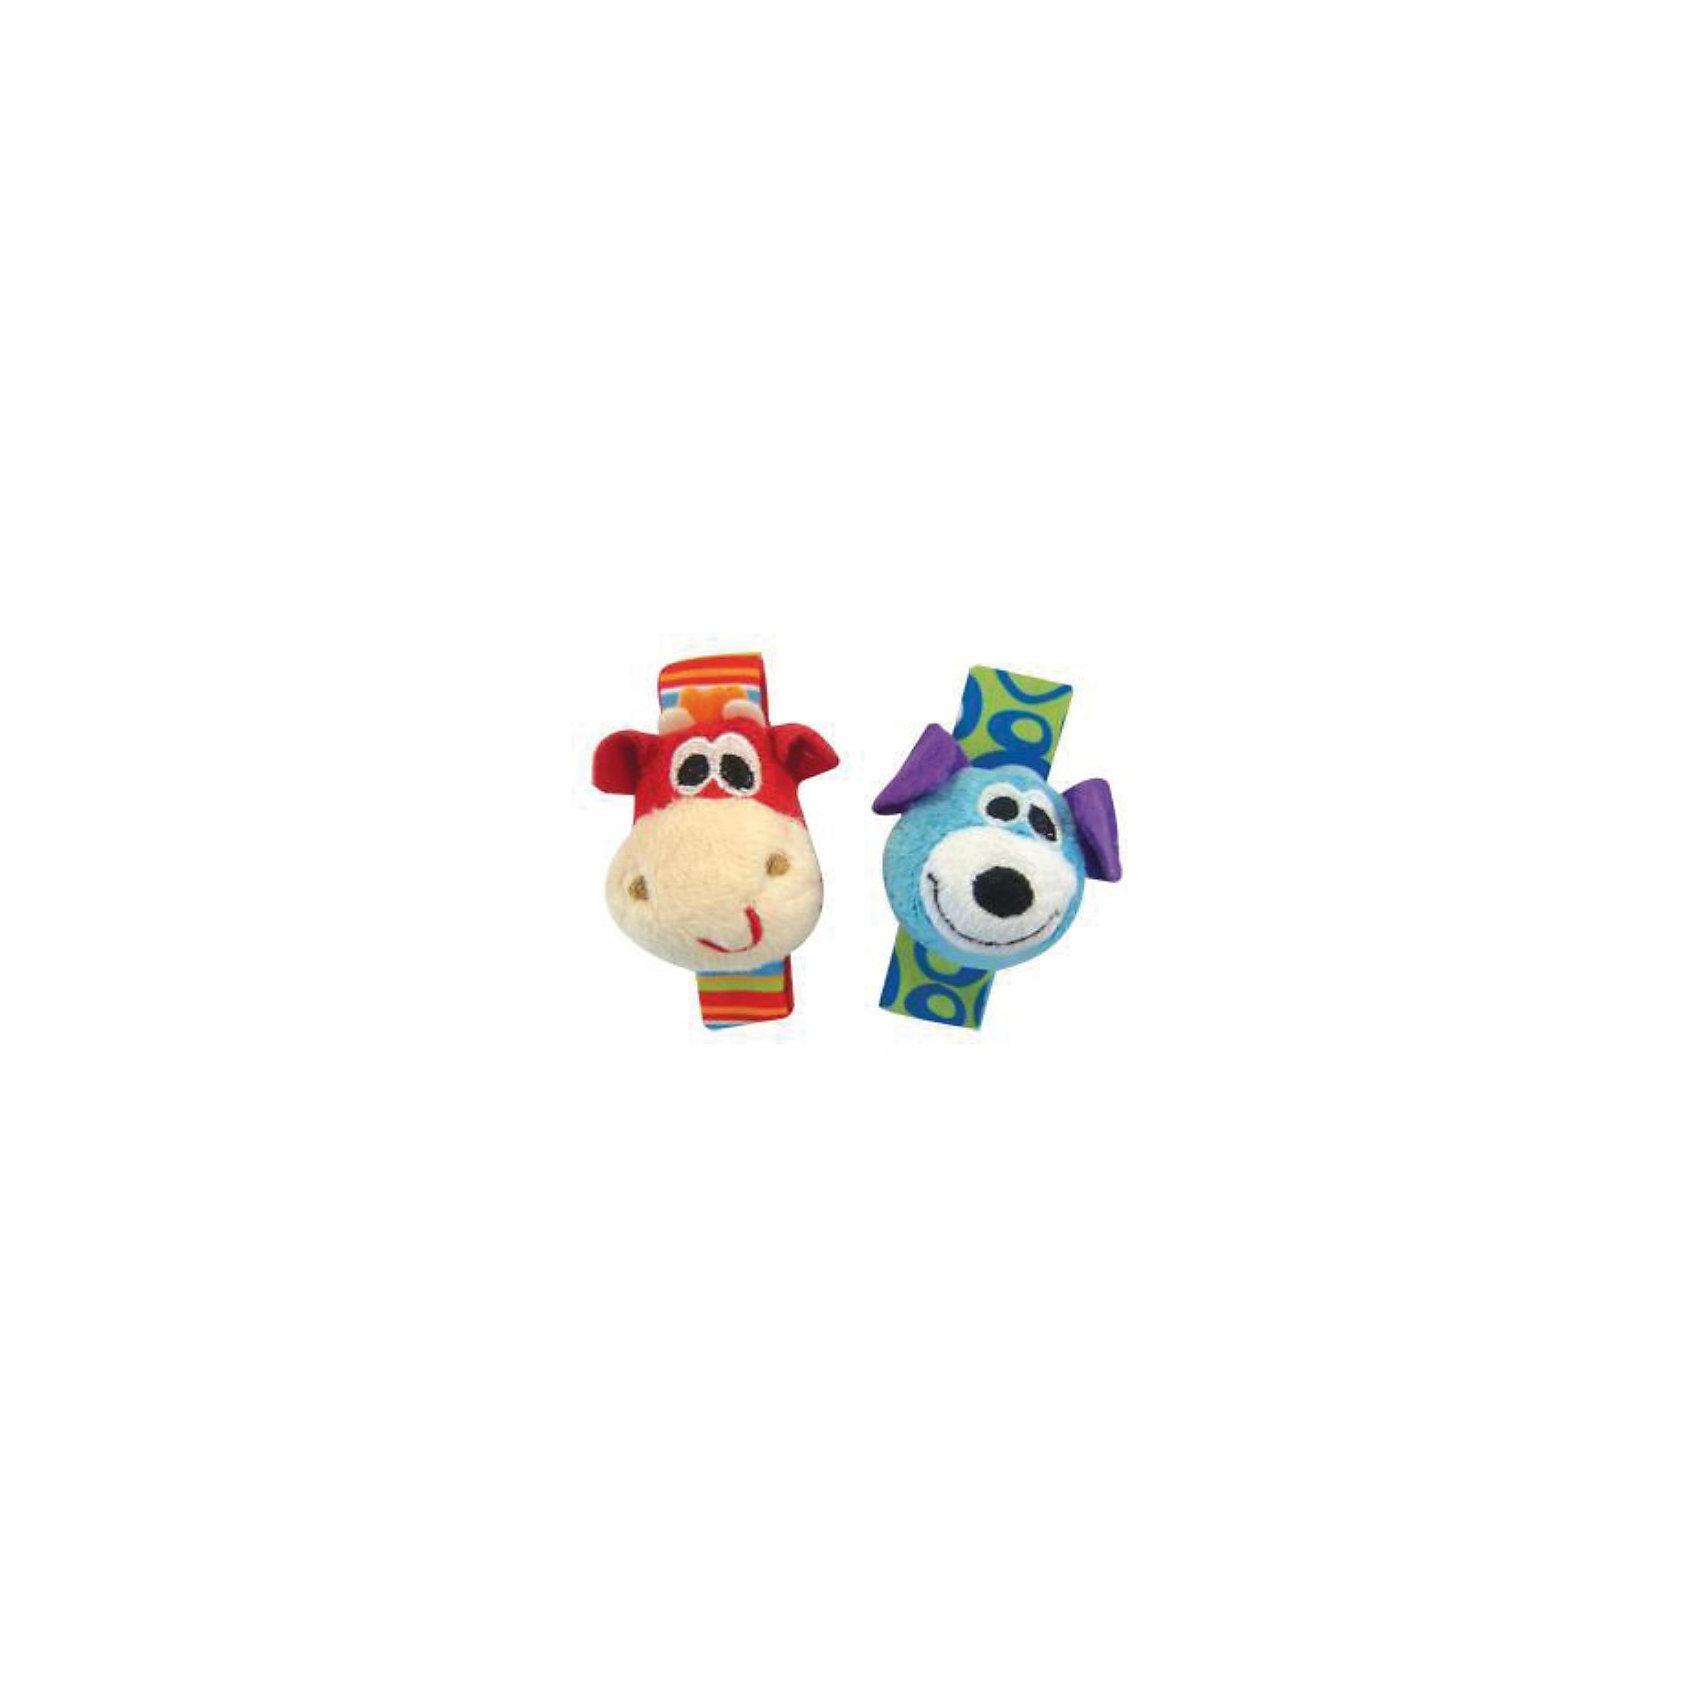 Мягкая игрушка-погремушка на ручку, Playgro, 2 шт.Мягкая игрушка-погремушка на ручку, Playgro (Плейгро) привлечет внимание Вашего малыша, ее легко и удобно застегнуть на ручке крохи!<br>Два очаровательных персонажа: жираф и собачка выполнены из ткани разной фактуры. Игрушка, с помощью мягкой застежки липучки крепится на запястье малыша, а также на манеж, коляску или кроватку. Внутри каждой игрушки прячется погремушка, чтобы услышать звук, достаточно просто двинуть ручкой. Негромкий звук стимулирует развитие слуха, а разнообразность материалов способствует расширению тактильных ощущений малыша. Ребенок самостоятельно начинает контролировать движения рука - глаз ориентируясь по звуку игрушки. Яркие цвета игрушки улучшают развитие зрения.<br><br>Дополнительная информация:<br><br>- В комплекте две игрушки<br>- Материал: текстиль<br>- Размер браслета: 13х7х5 см.<br>- Вес: 40 грамм<br>- Не вызывает аллергических реакций<br>- Эластичный ремешок с удобной застежкой<br><br>Мягкую игрушку Playgro (Плейгро) можно купить в нашем интернет-магазине.<br><br>Ширина мм: 180<br>Глубина мм: 190<br>Высота мм: 270<br>Вес г: 48<br>Возраст от месяцев: 0<br>Возраст до месяцев: 12<br>Пол: Унисекс<br>Возраст: Детский<br>SKU: 2327588